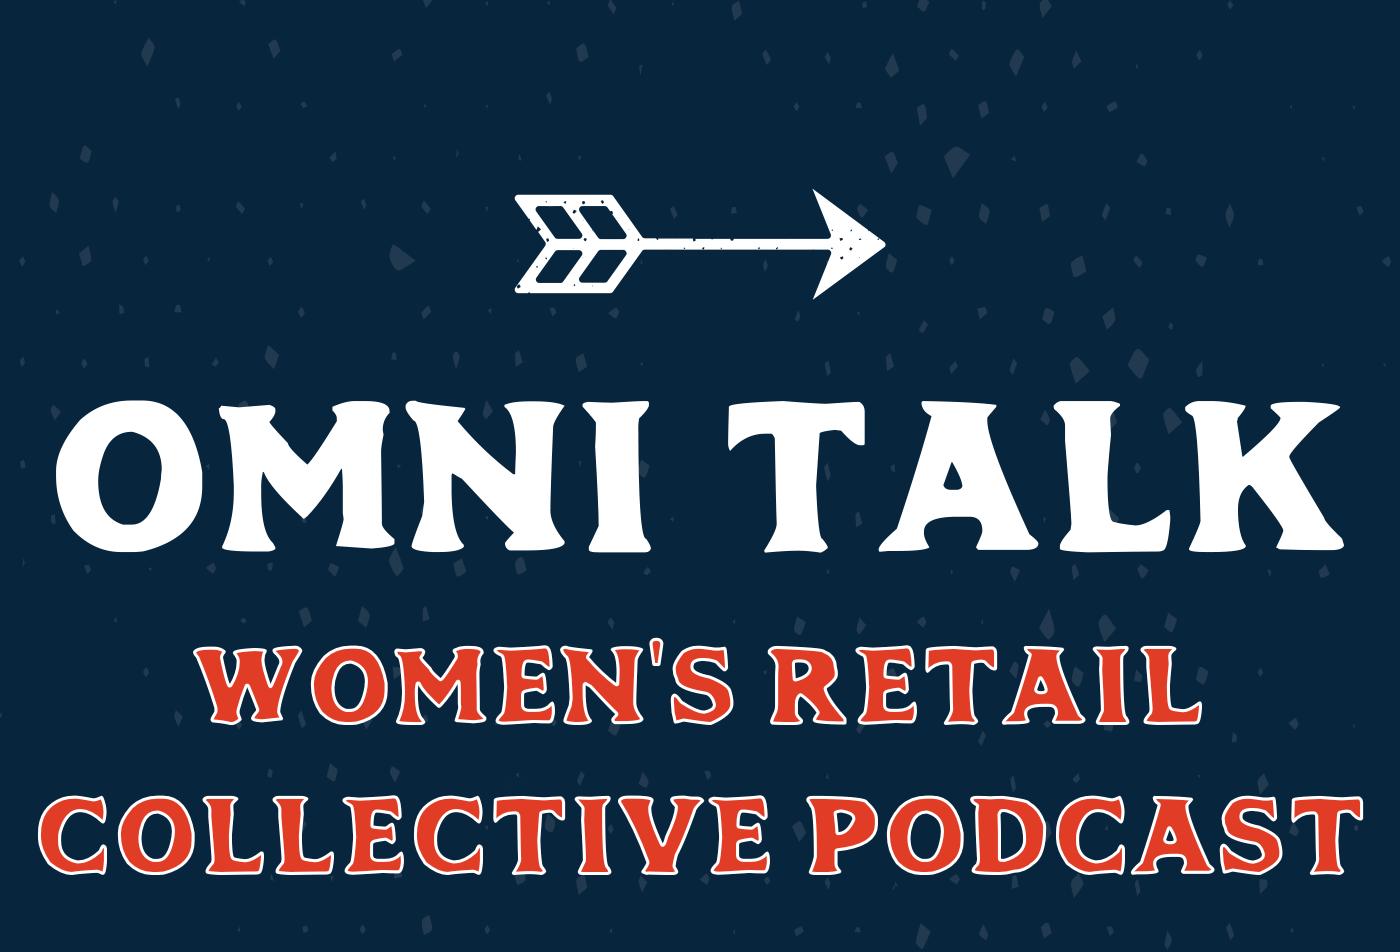 Women's Retail Collective Podcast | WeinPlus CEO & Founder Rachel Elias Wein